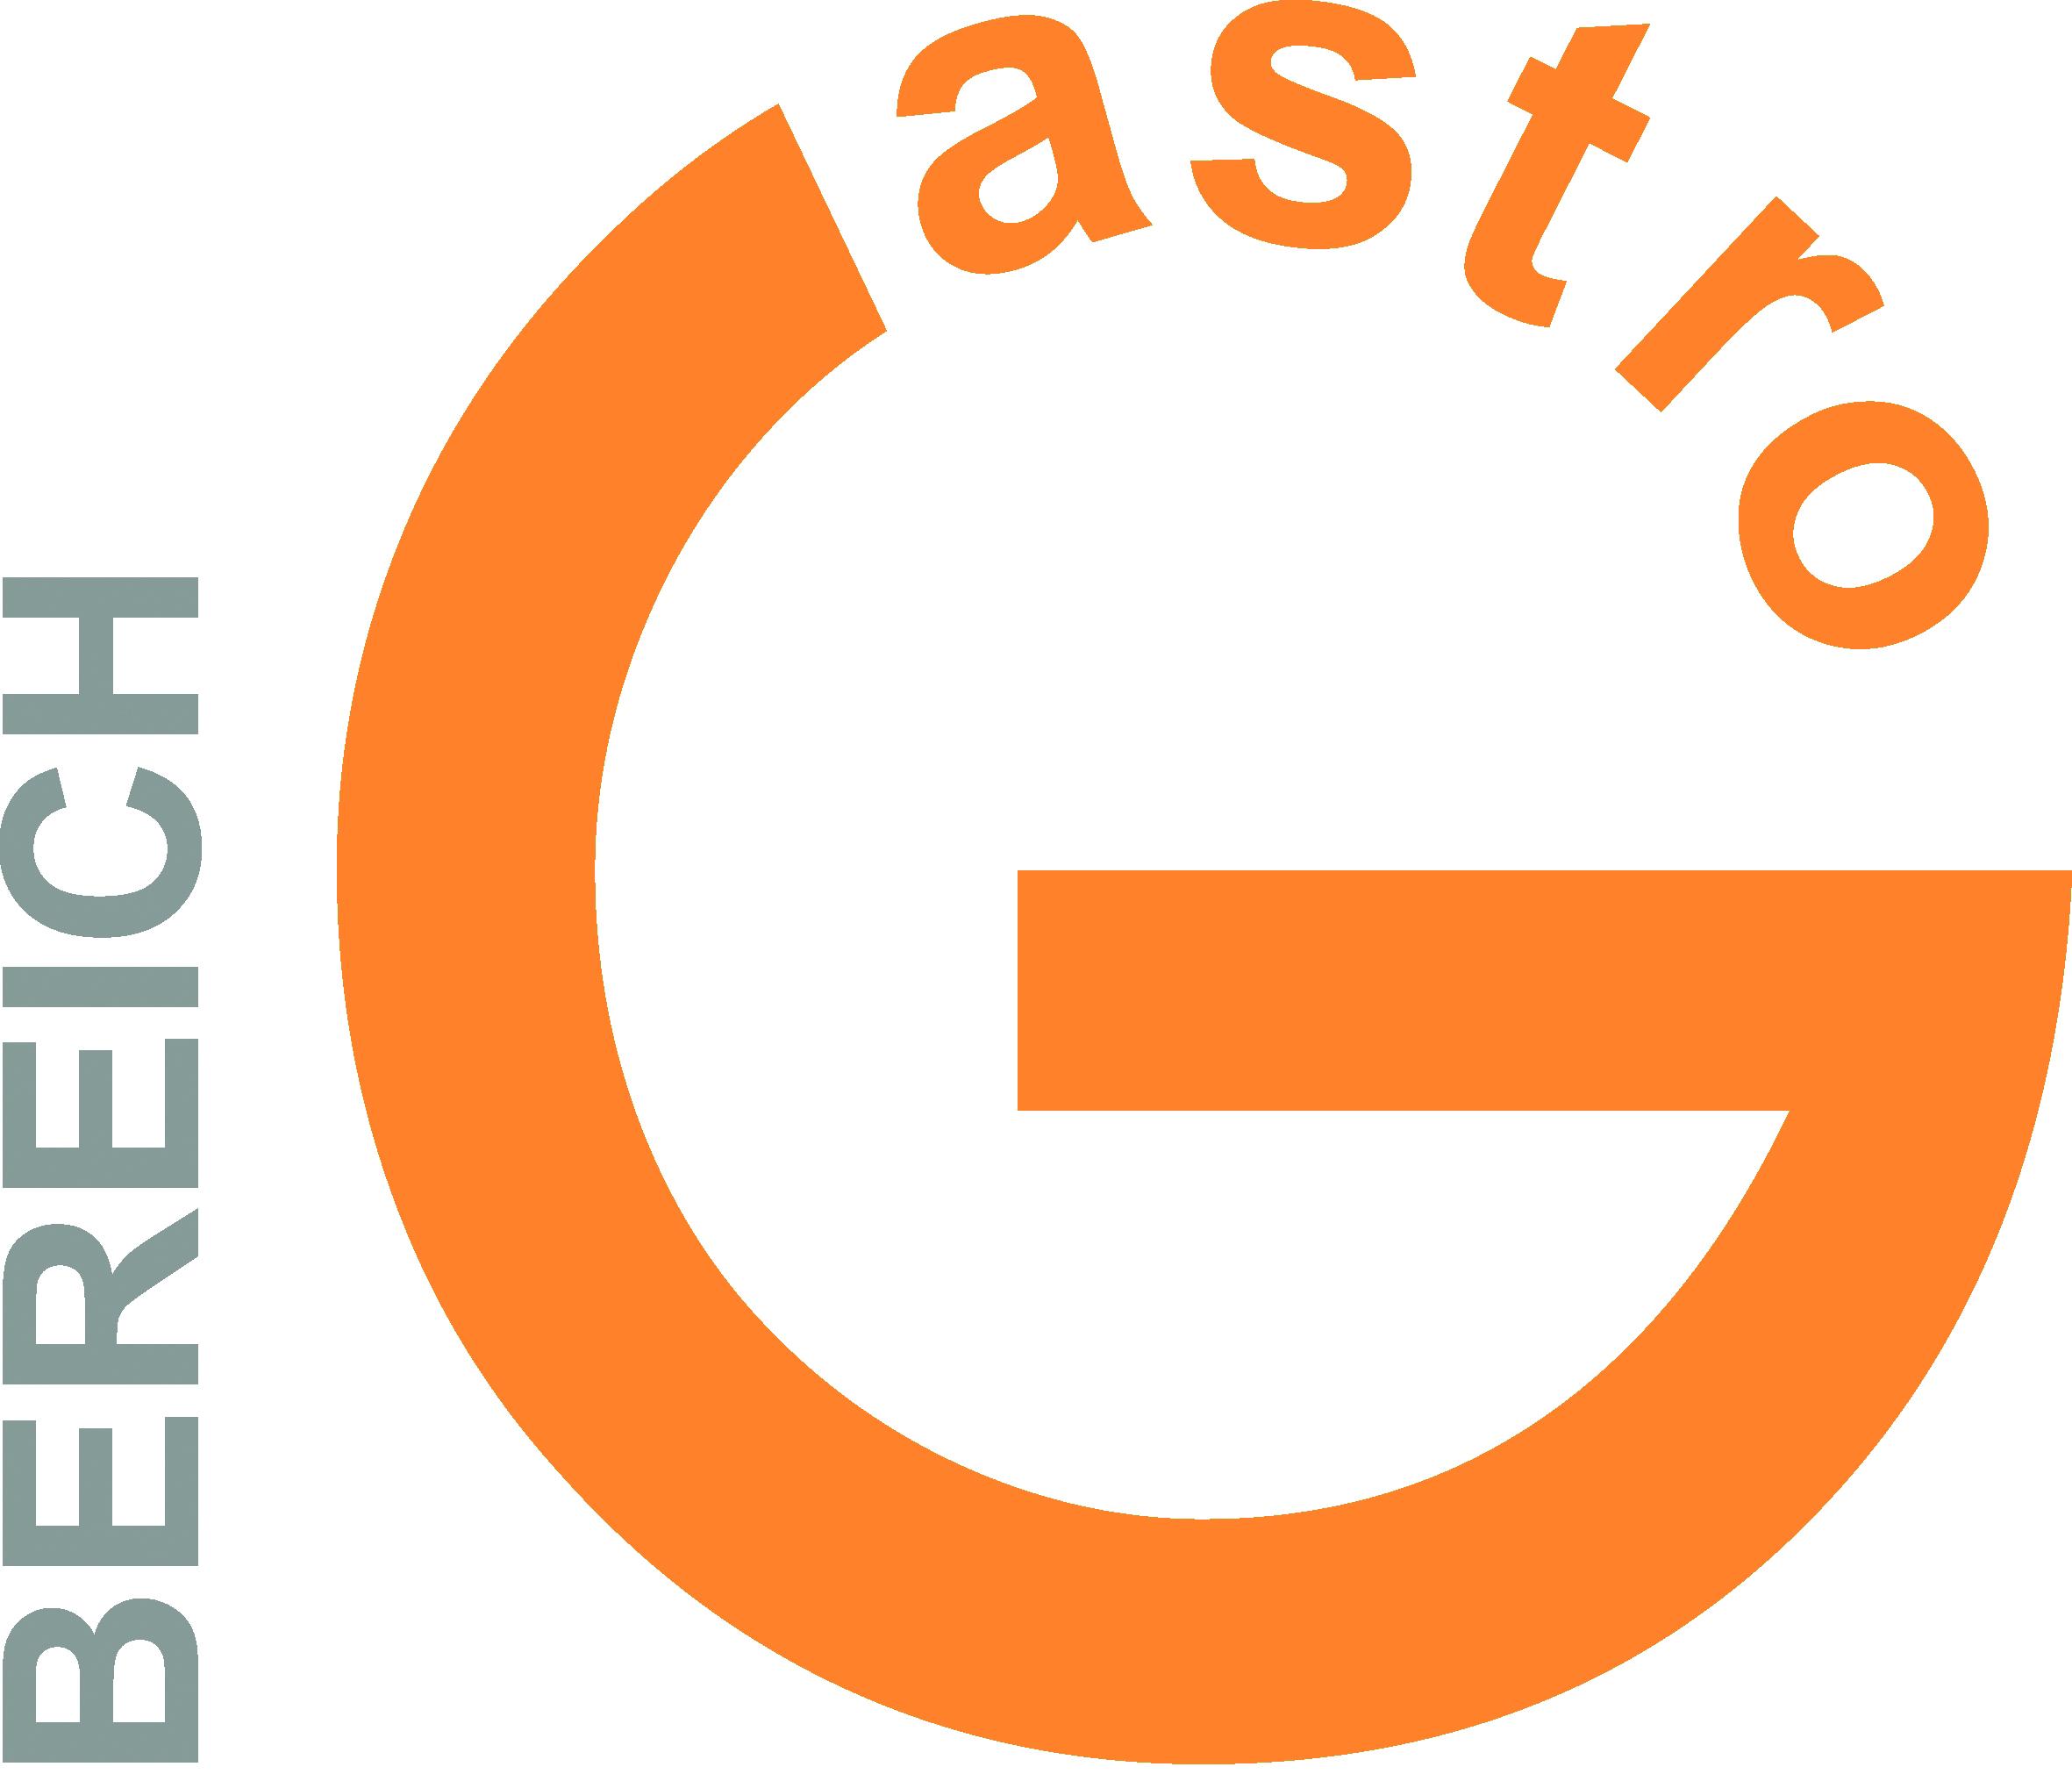 Gastro Bereich 2017